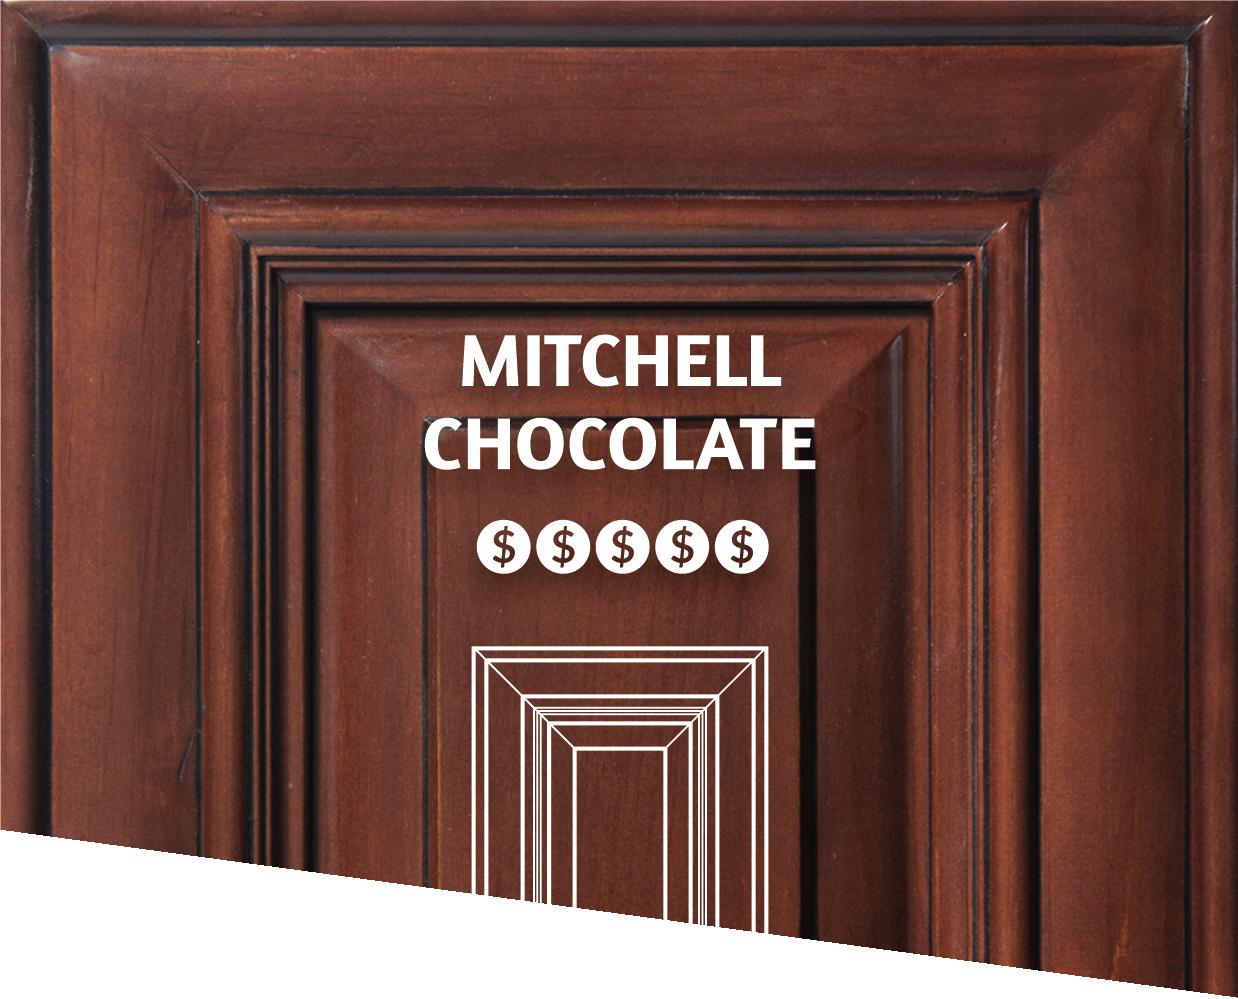 mitchell-chocolate-door.png